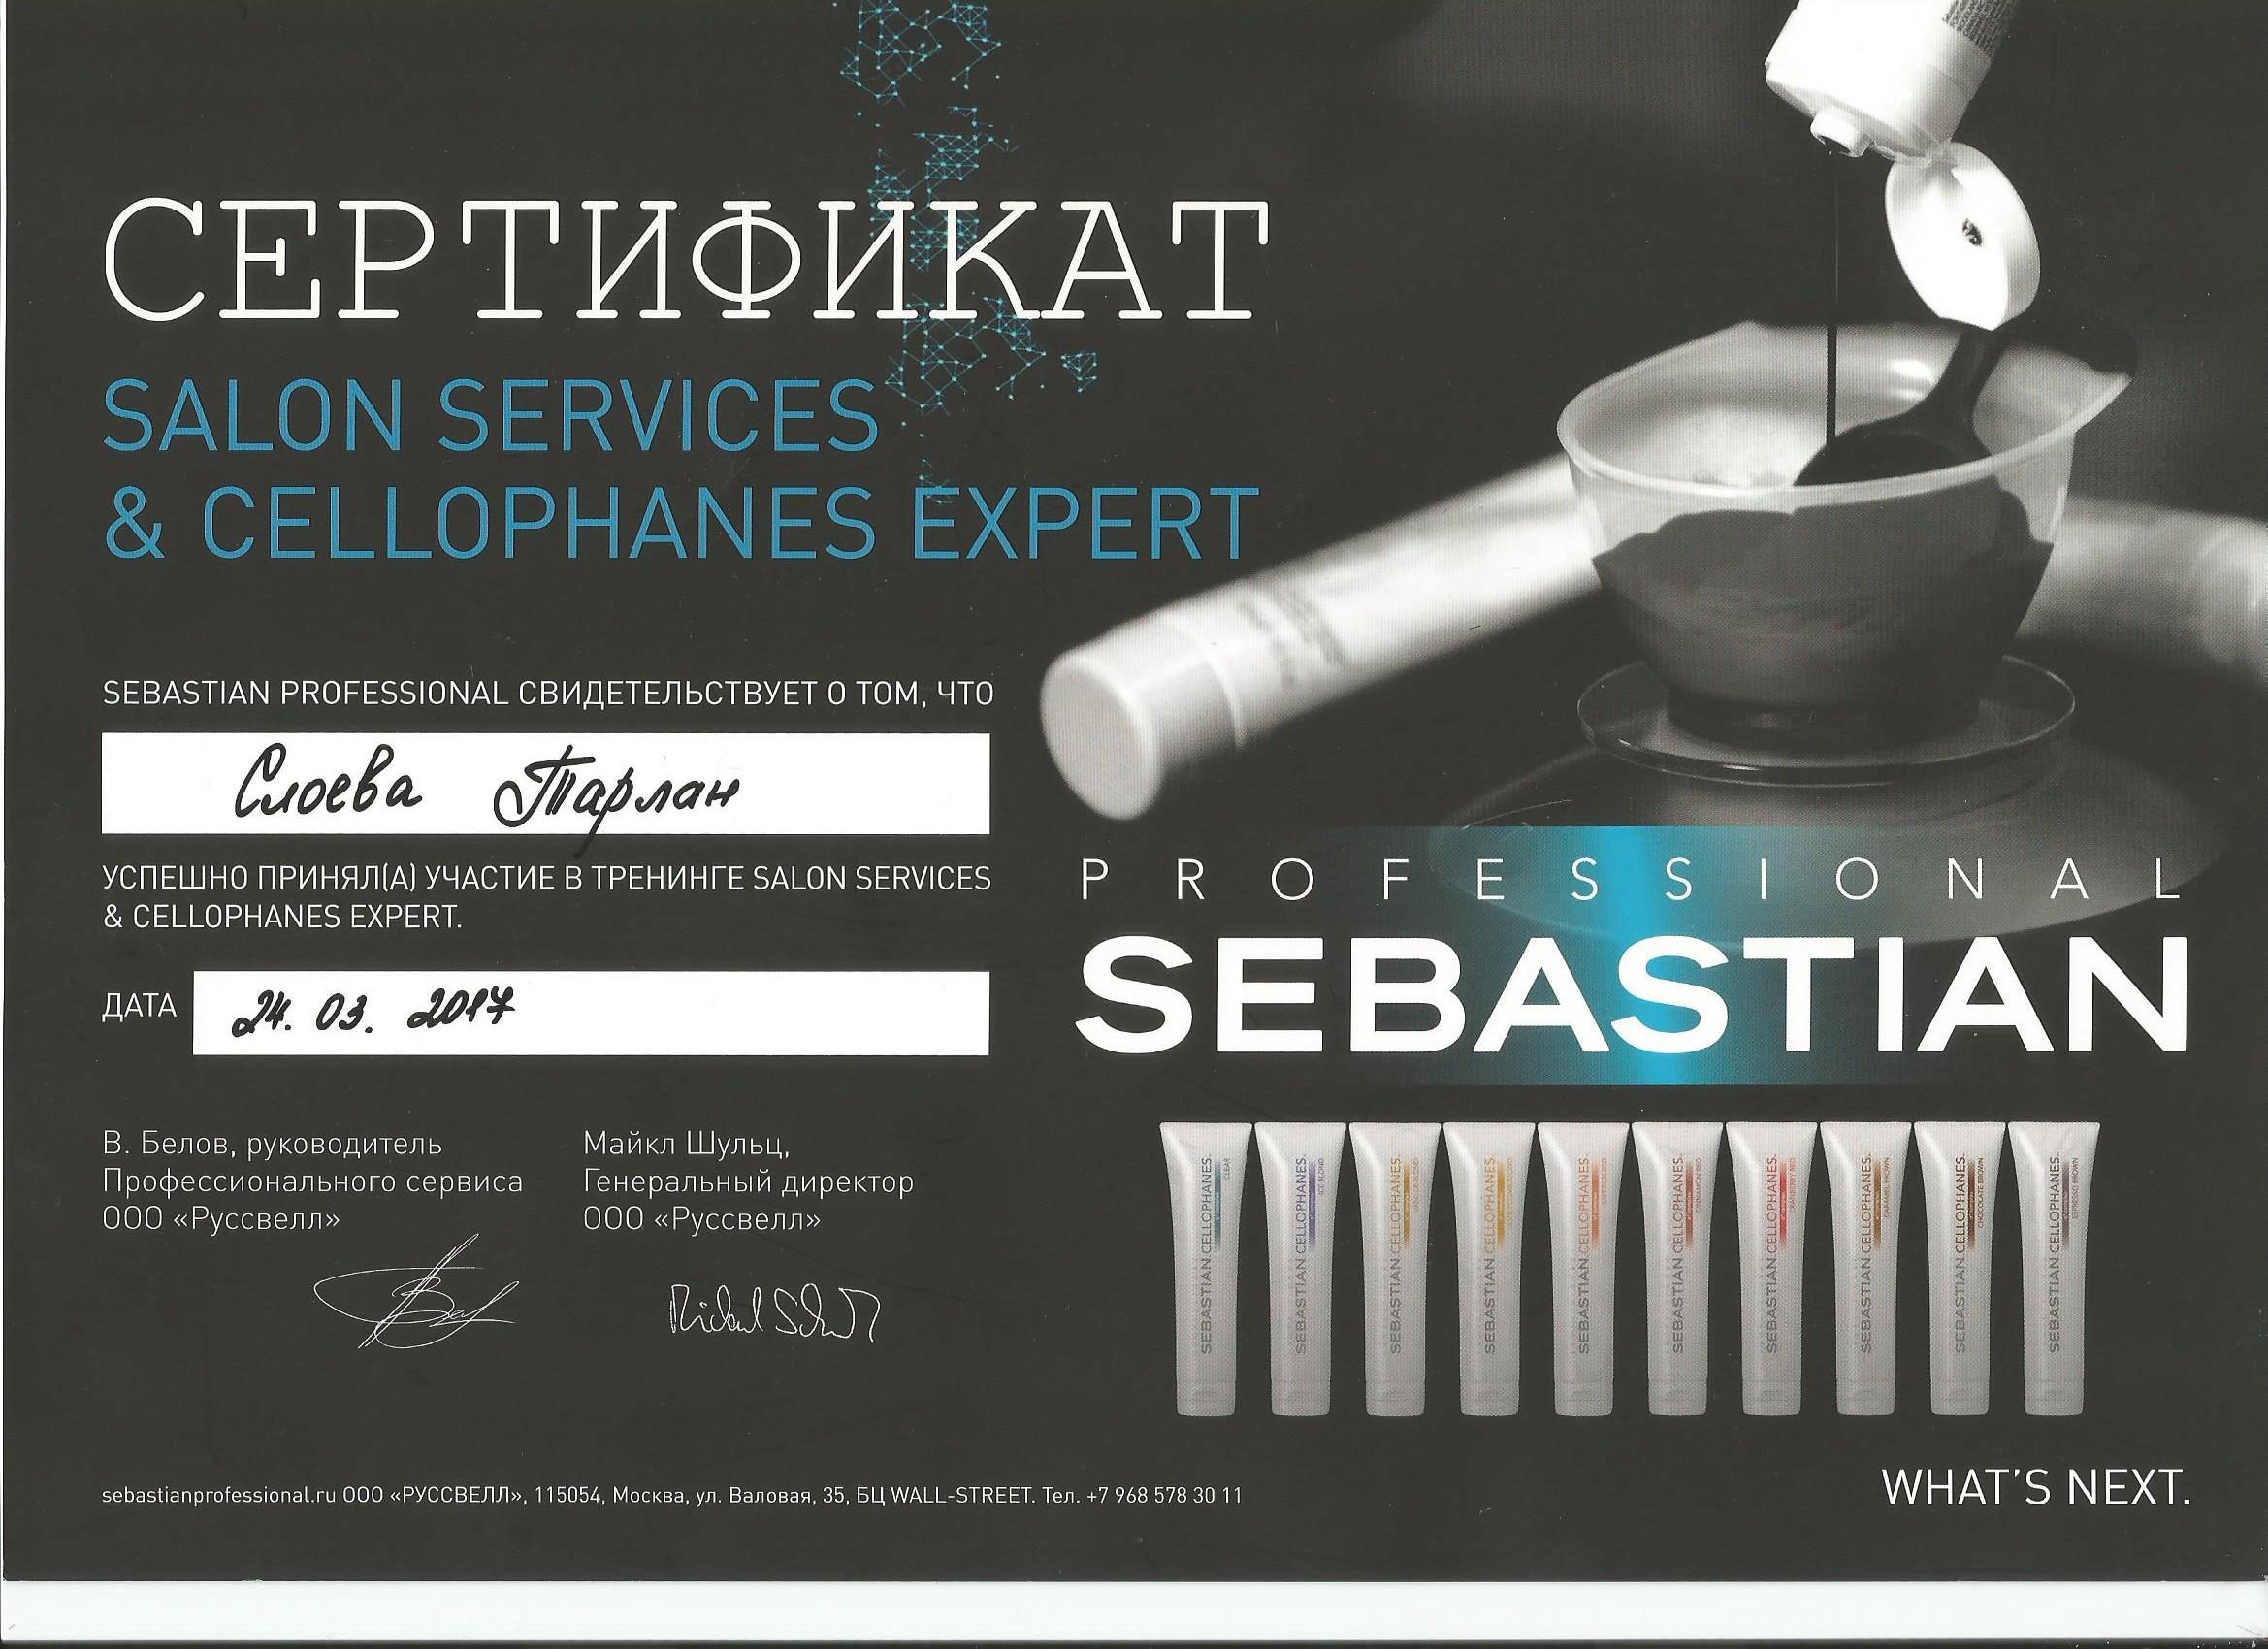 2017 salon cervices & cellophanes expert sebastian